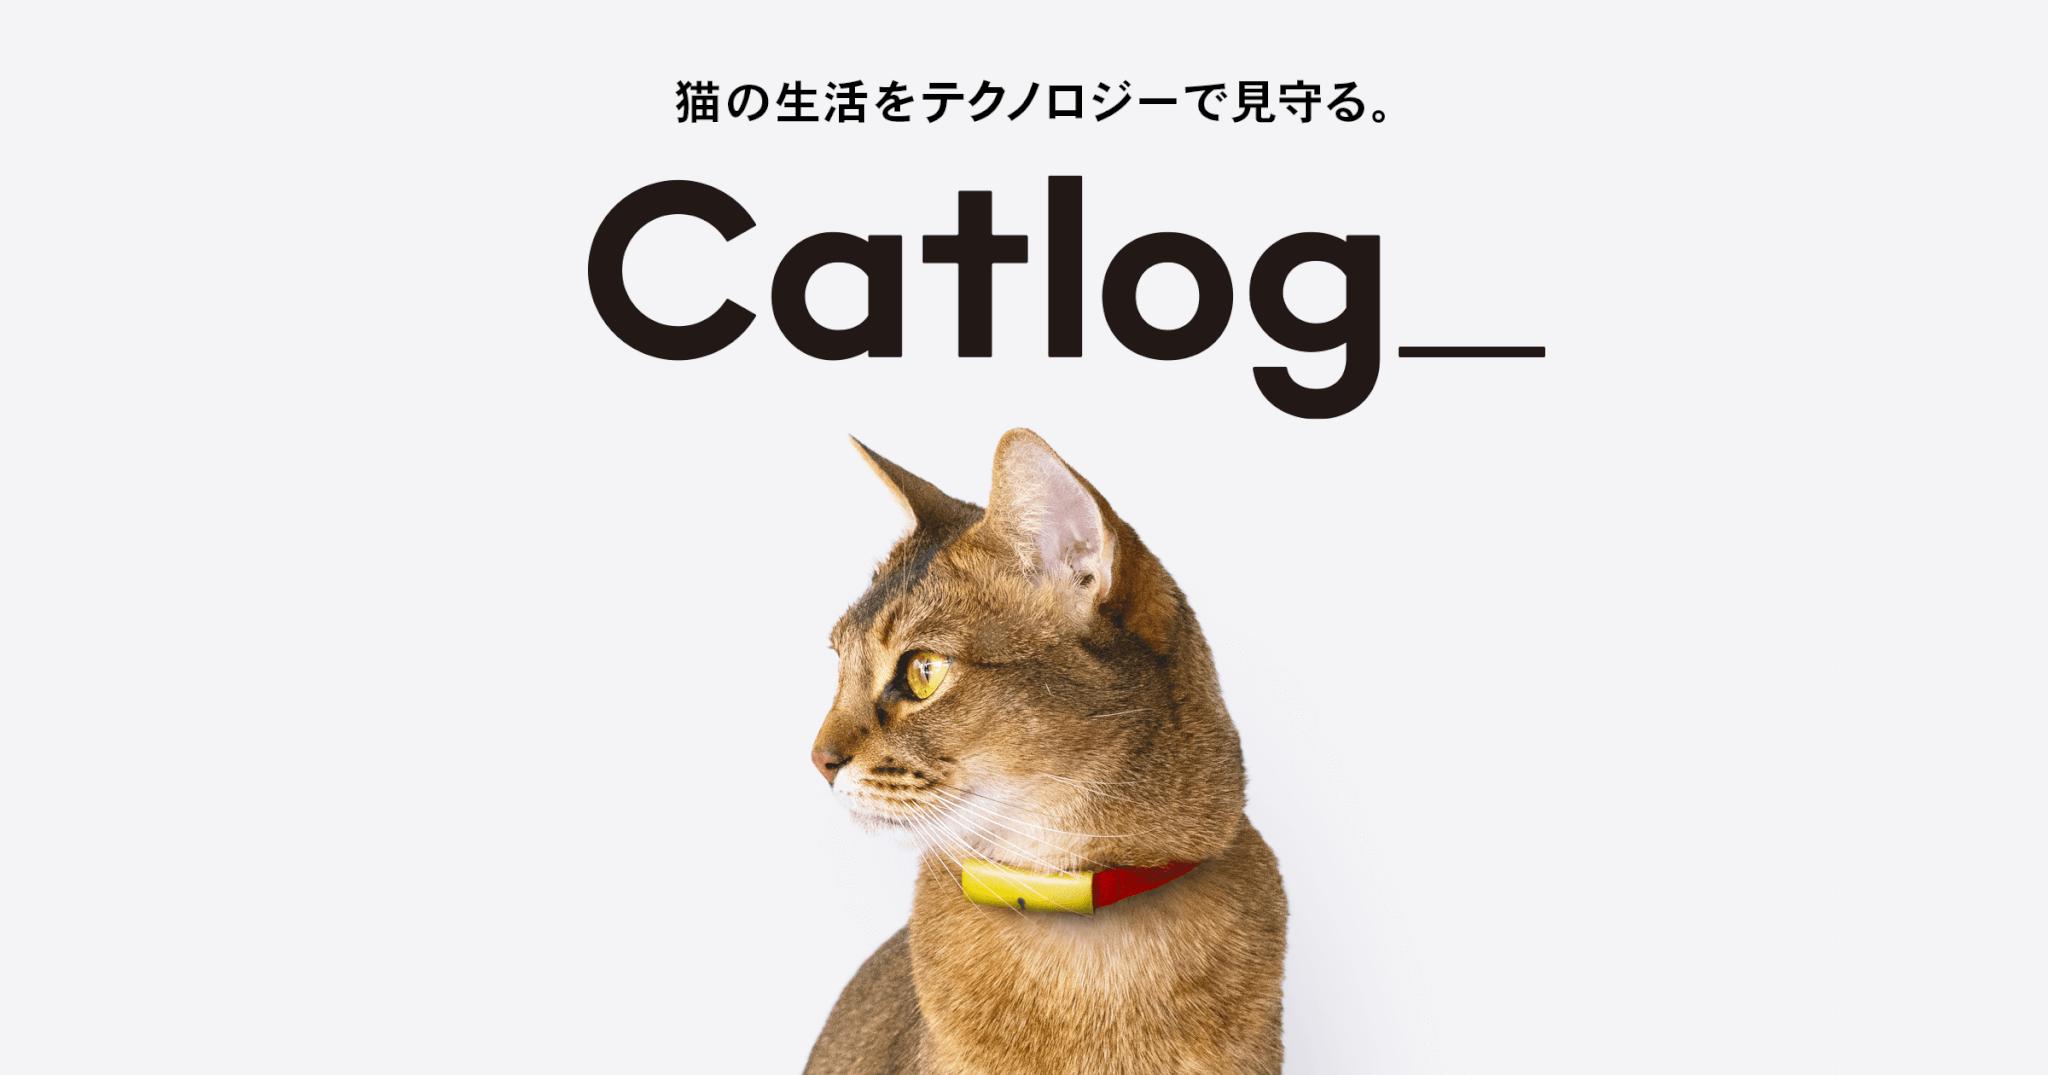 猫様の見守りができる首輪型デバイス「Catlog(キャトログ)」